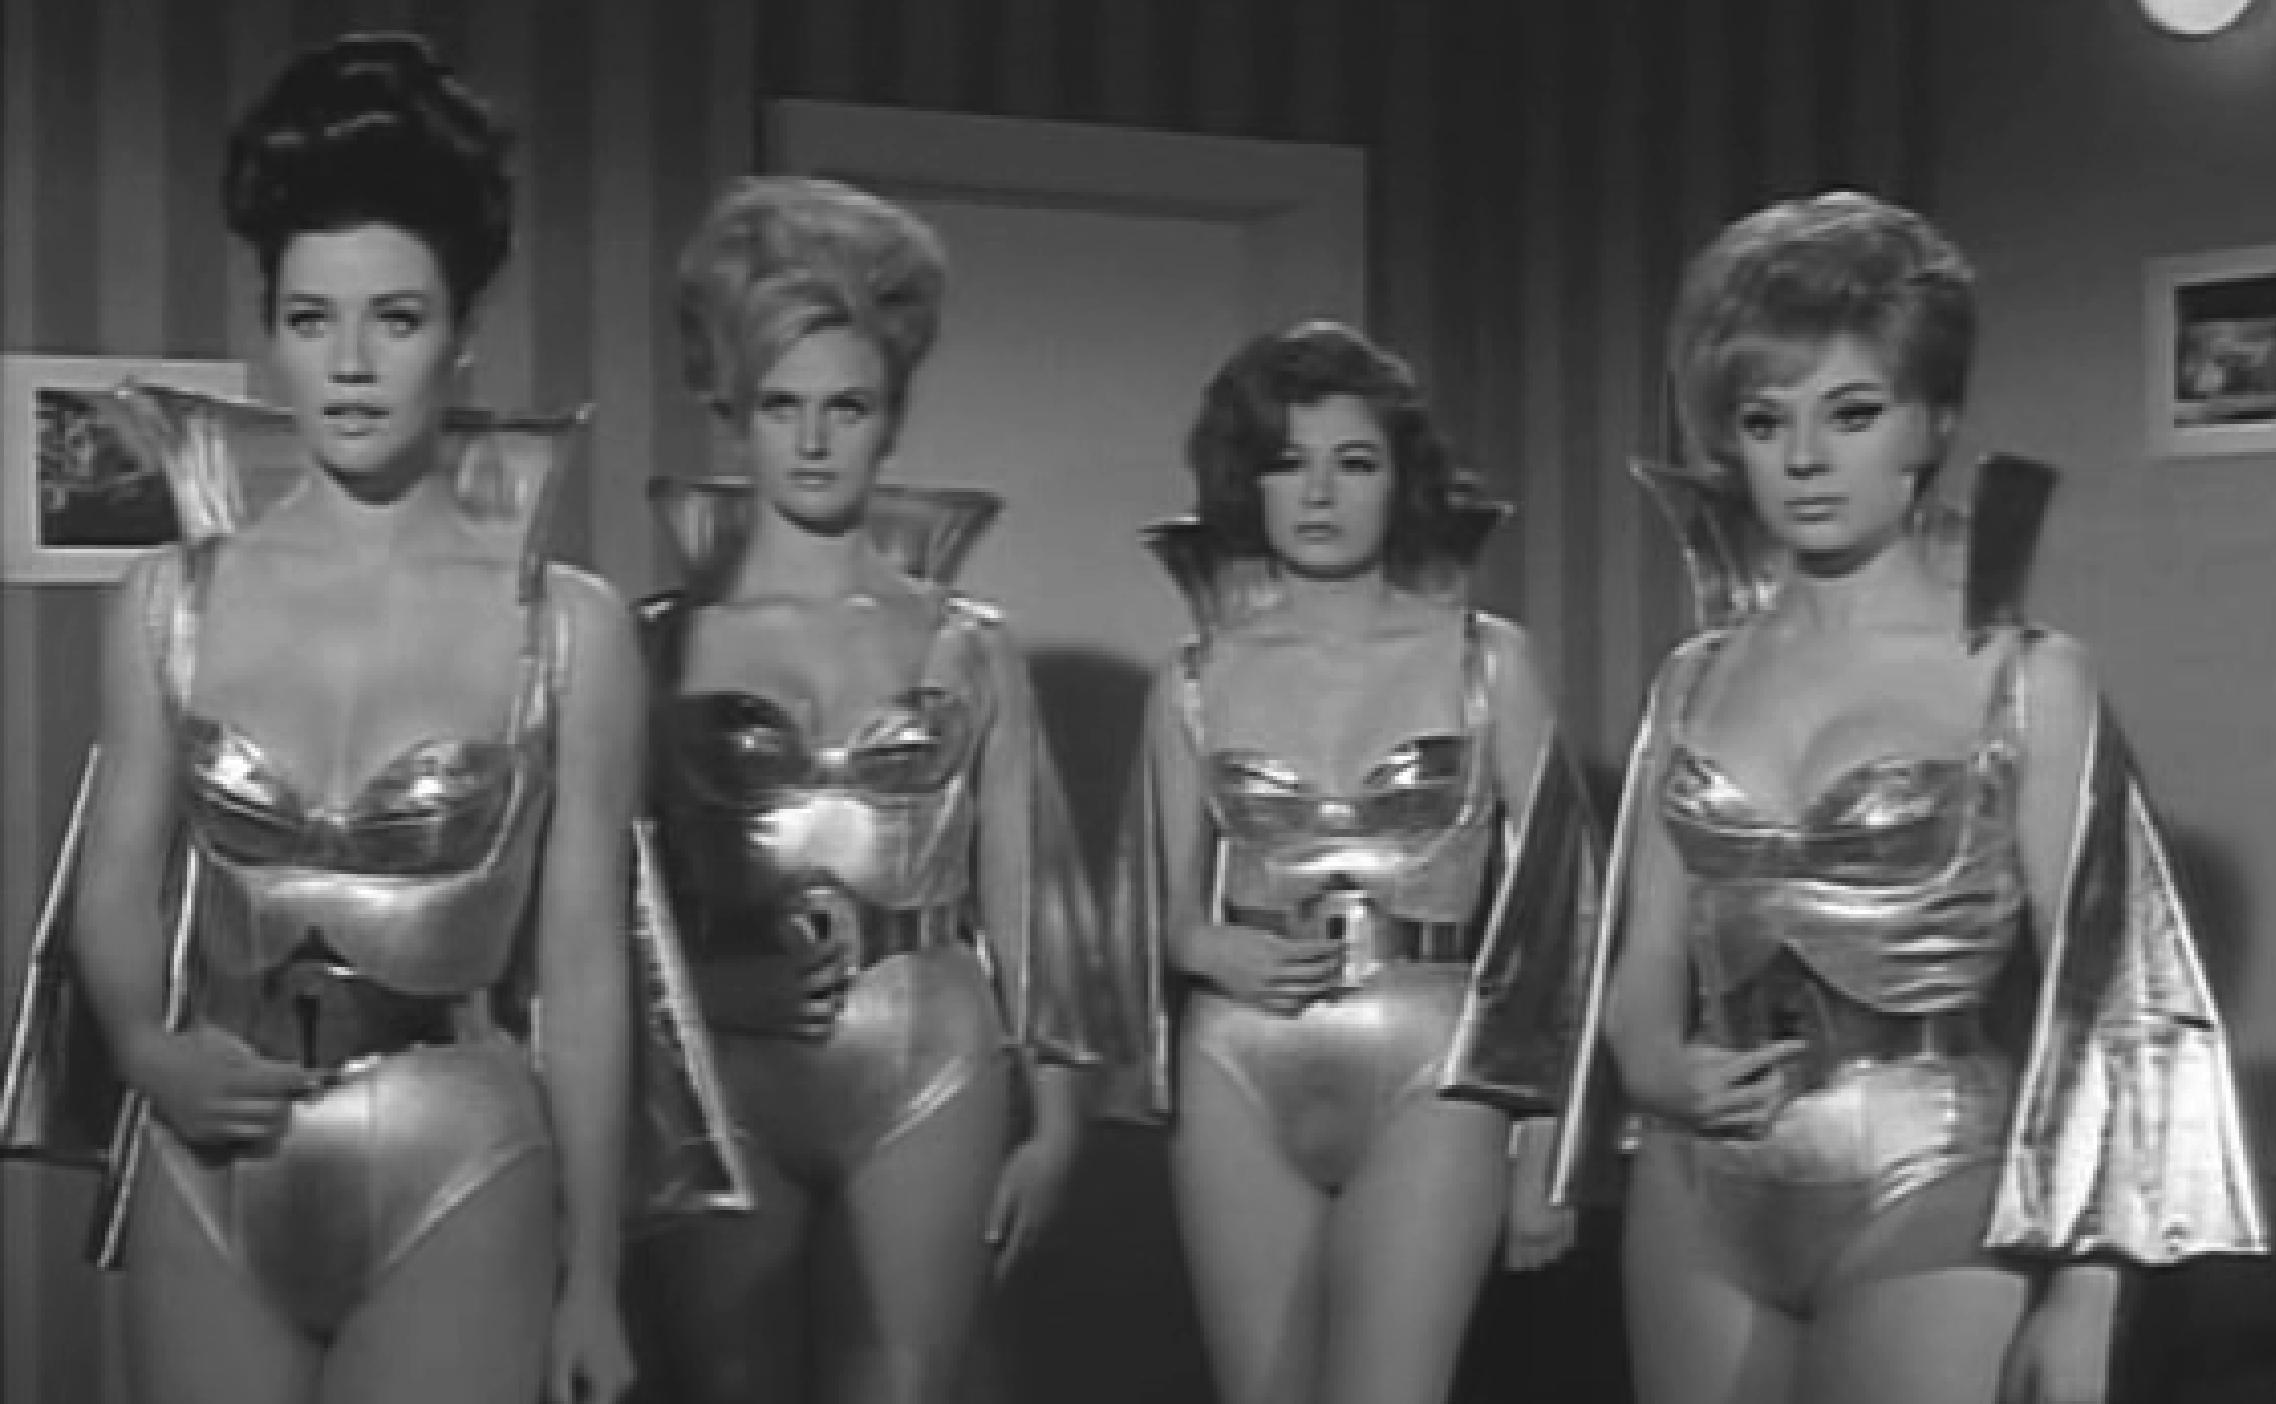 Martian Women (Santo vs The Martian Invasion)